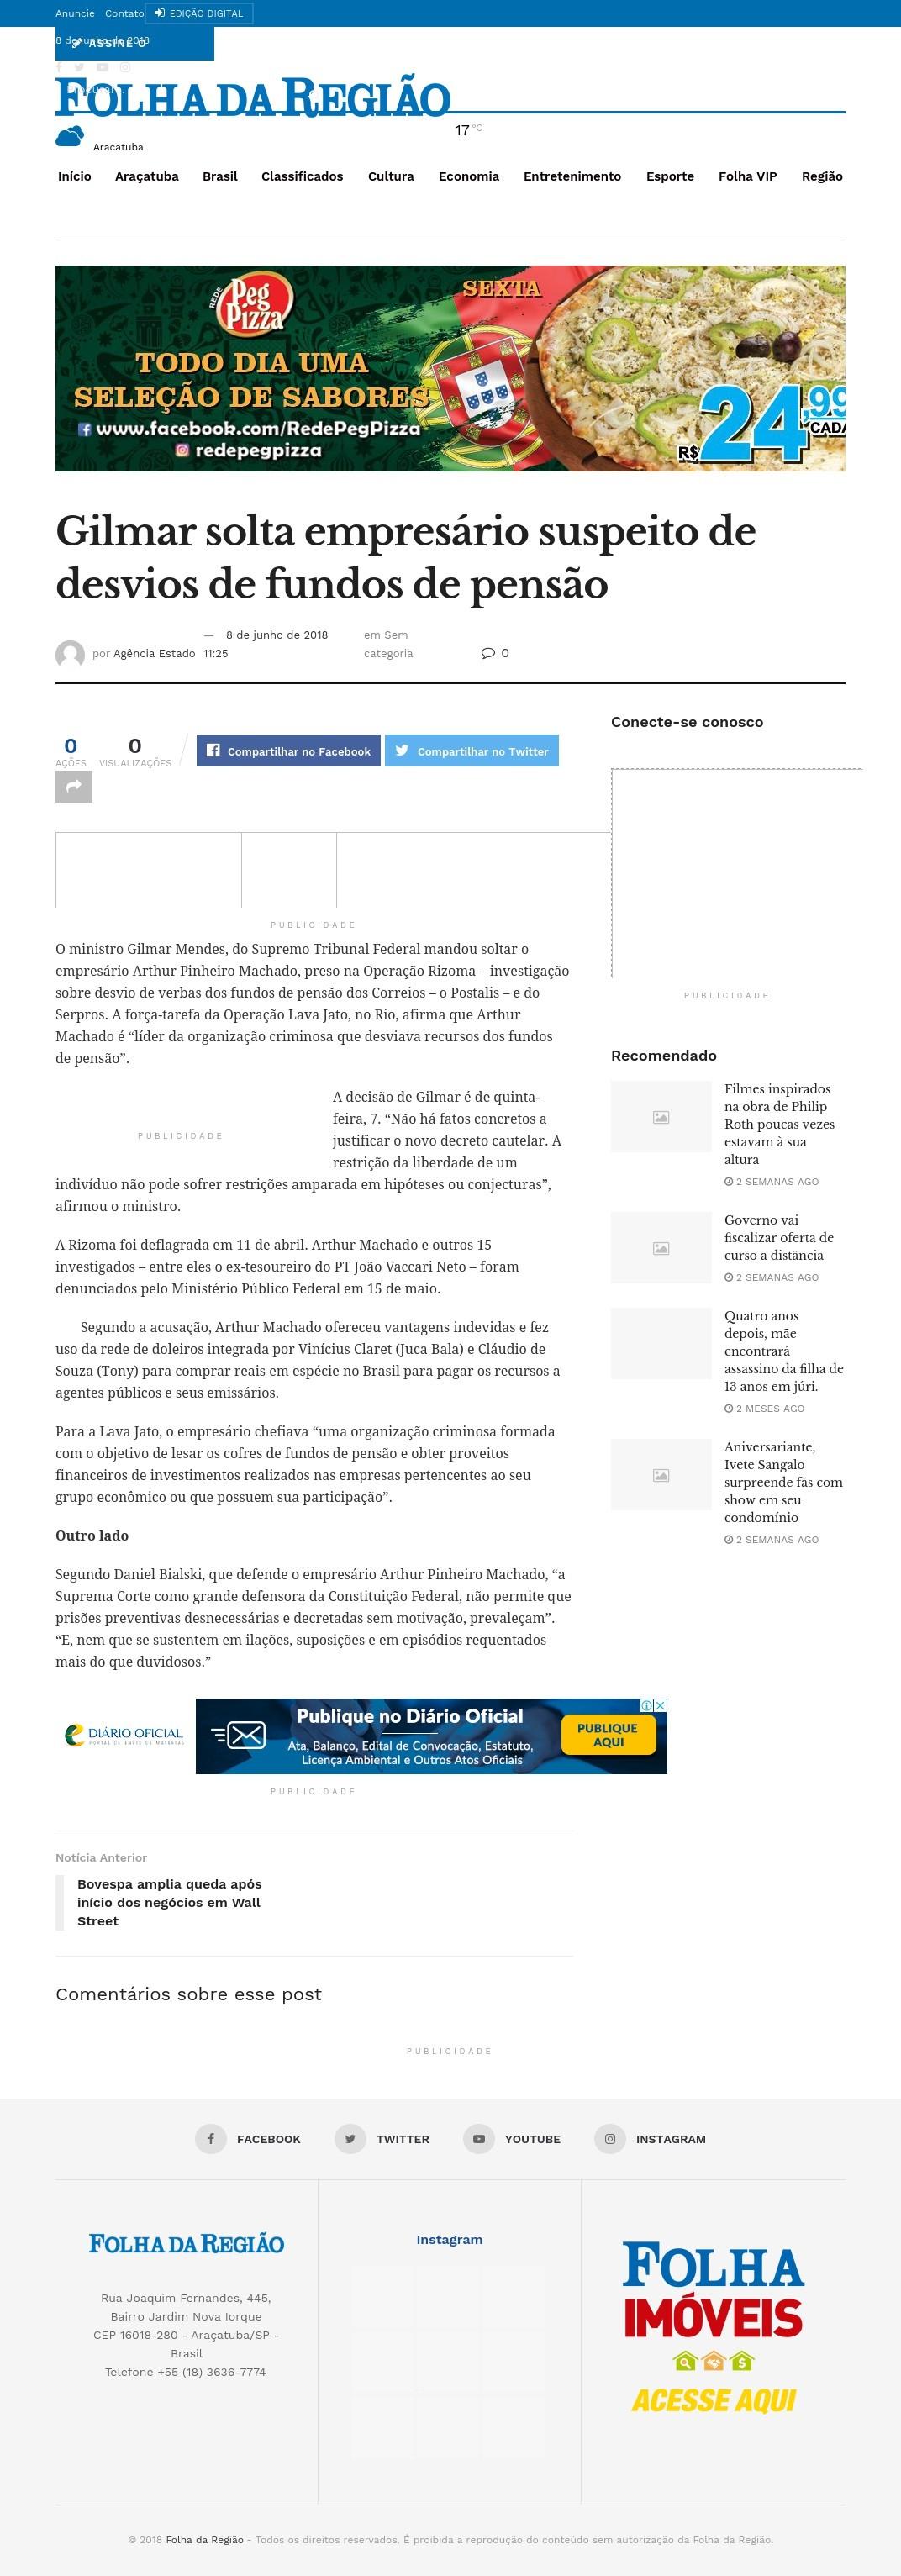 Calendario 2019 Rj Feriados Actual Junho 2018 Of Calendario 2019 Rj Feriados Más Recientes Confira A Programa§£o Dos Ensaios Das Escolas De Samba De Sp Para O